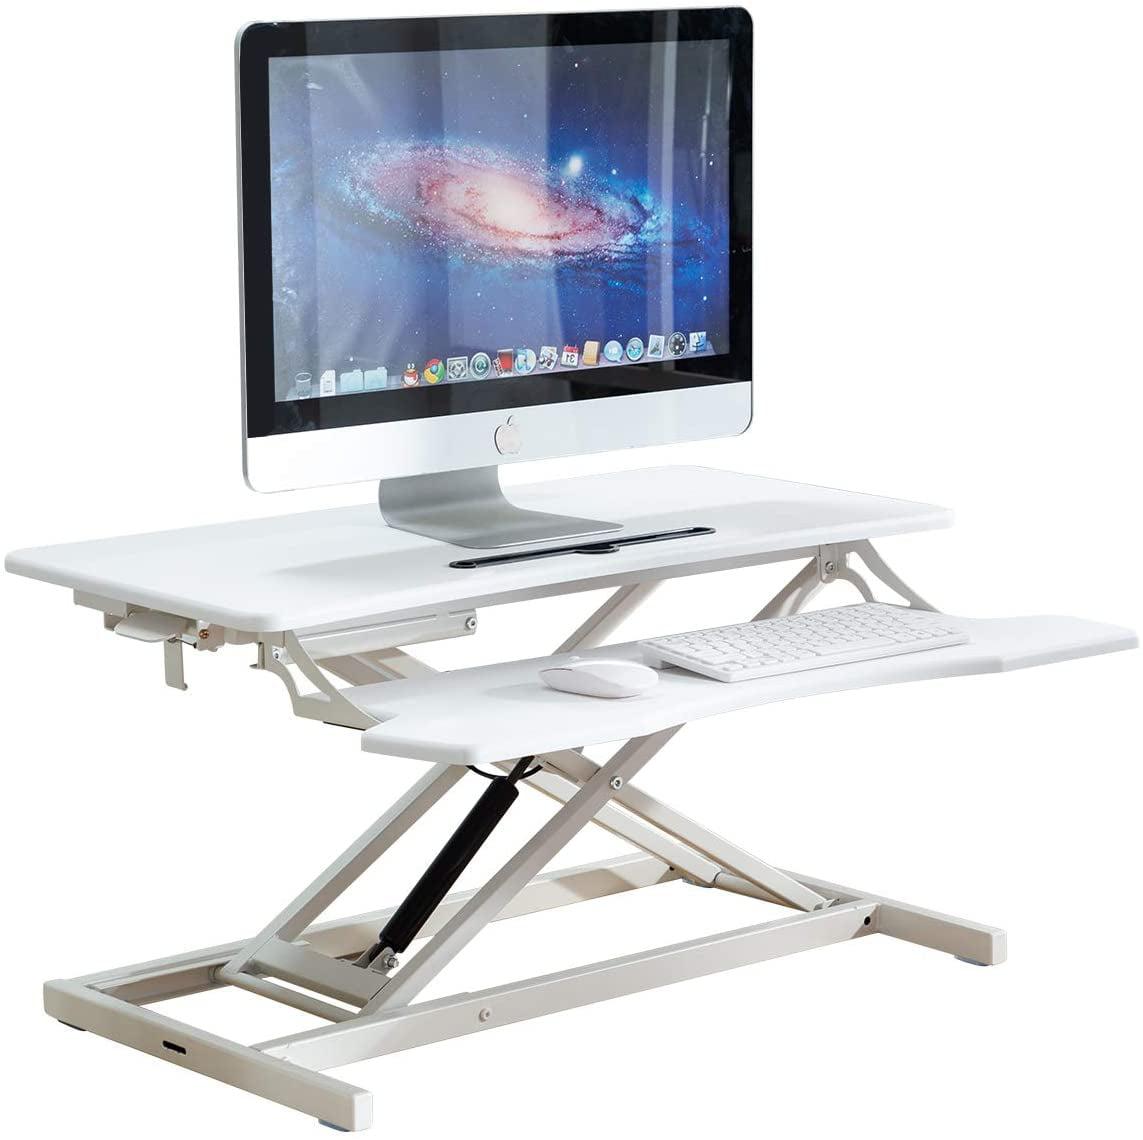 Amitito Standing Desk Converter Adjustable Height 32 Stand Up Desk for Home Office Gas Spring Computer Desk Workstation Desktop Dual Monitor Laptop Riser Black